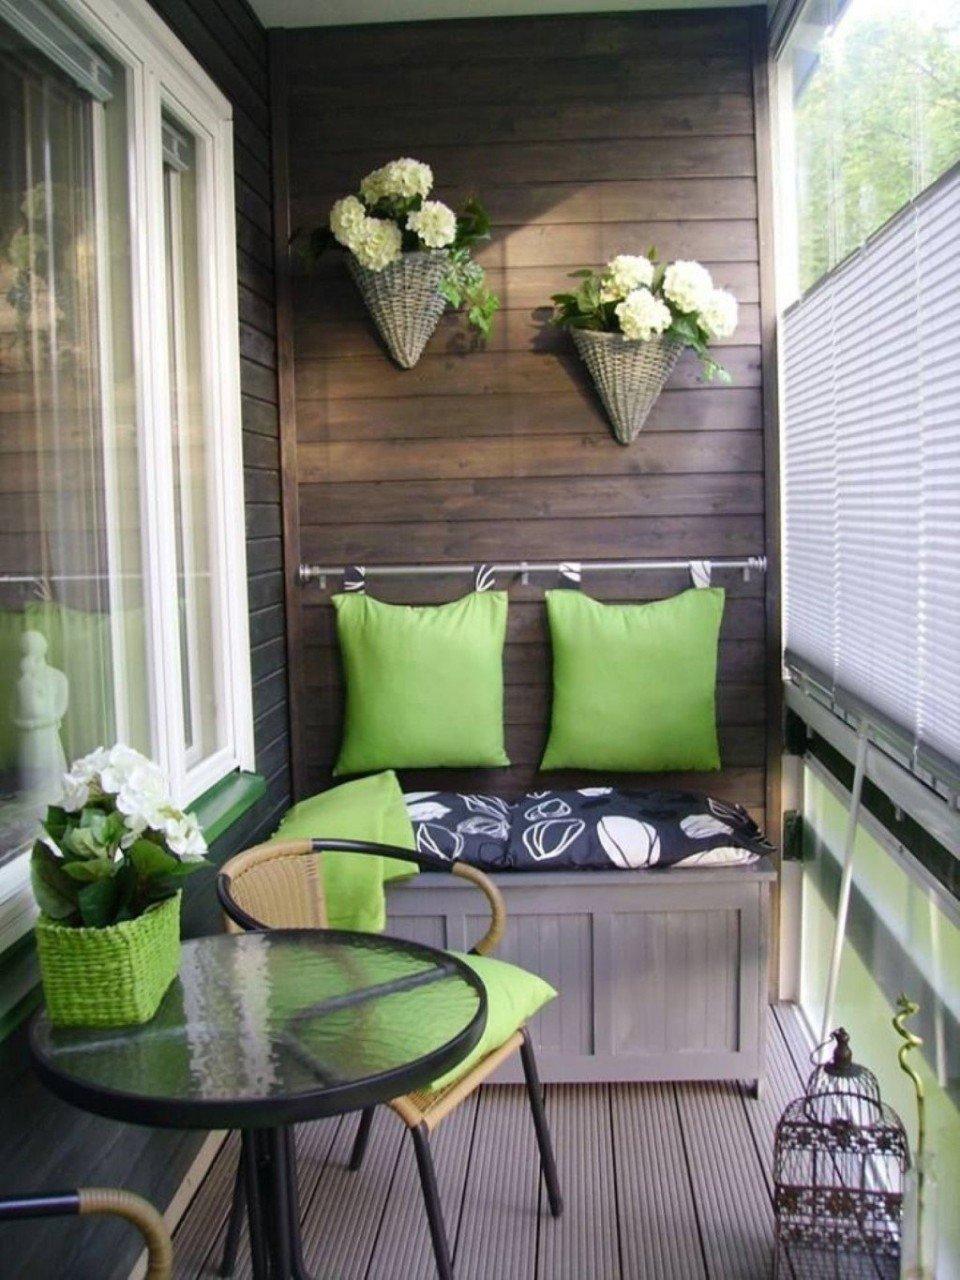 Уютные идеи интерьера для маленького балкона совсем необязат.